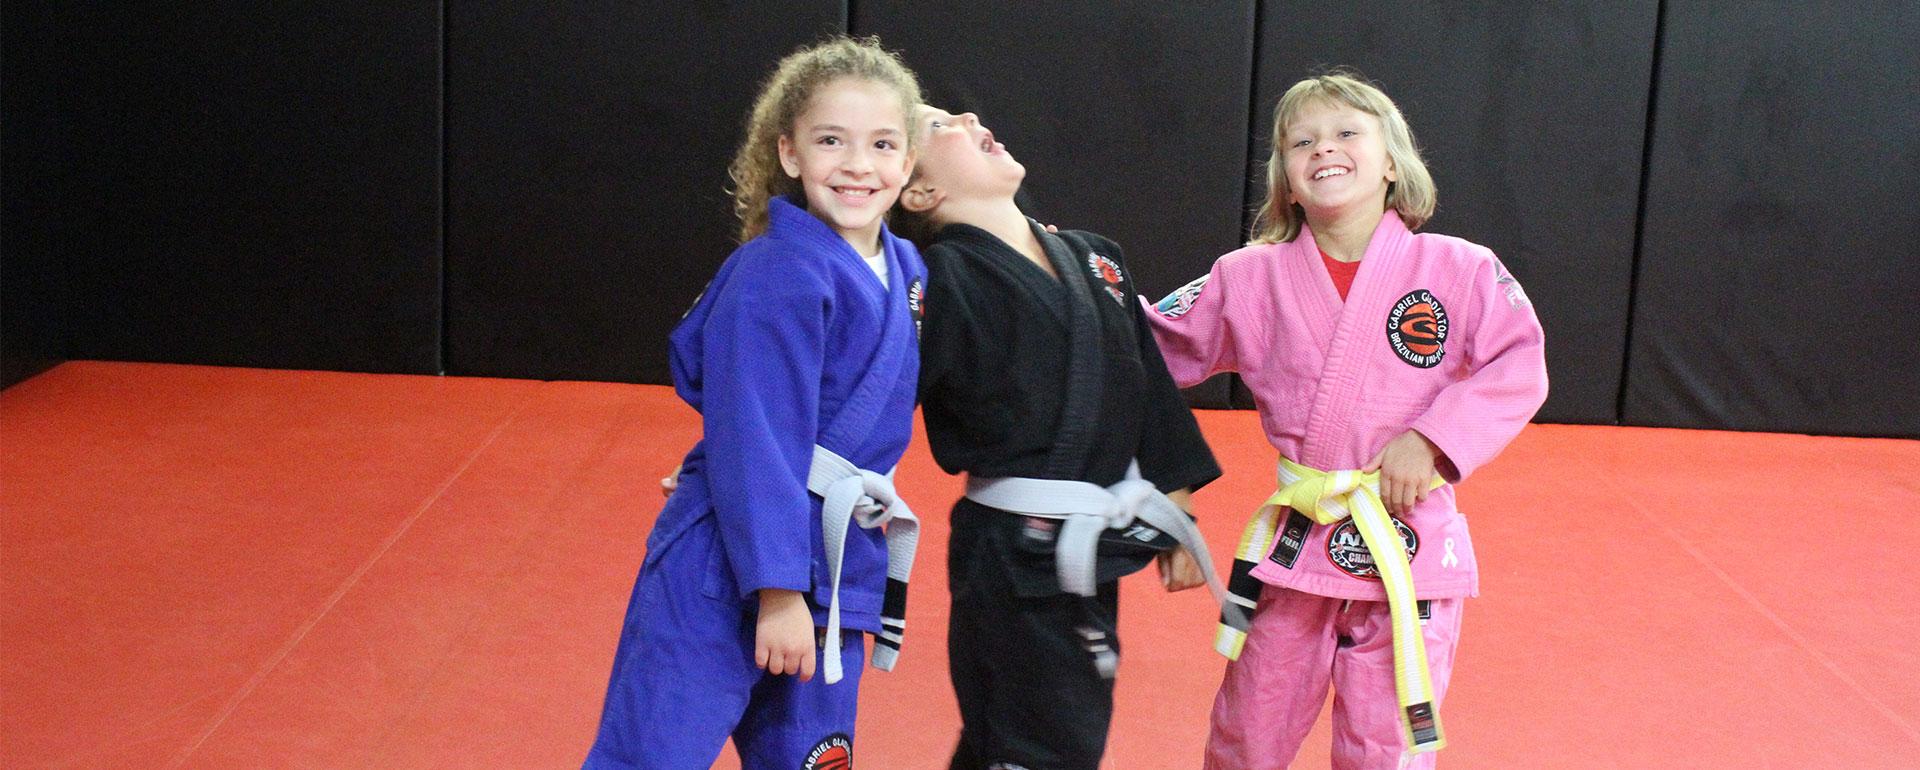 Gladiator Kids BJJ Program